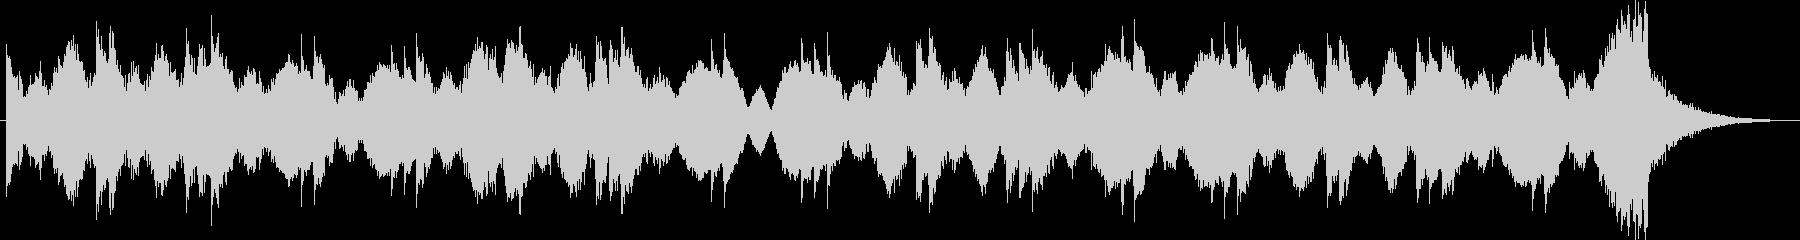 シネマティック01・壮大・ハリウッドS1の未再生の波形